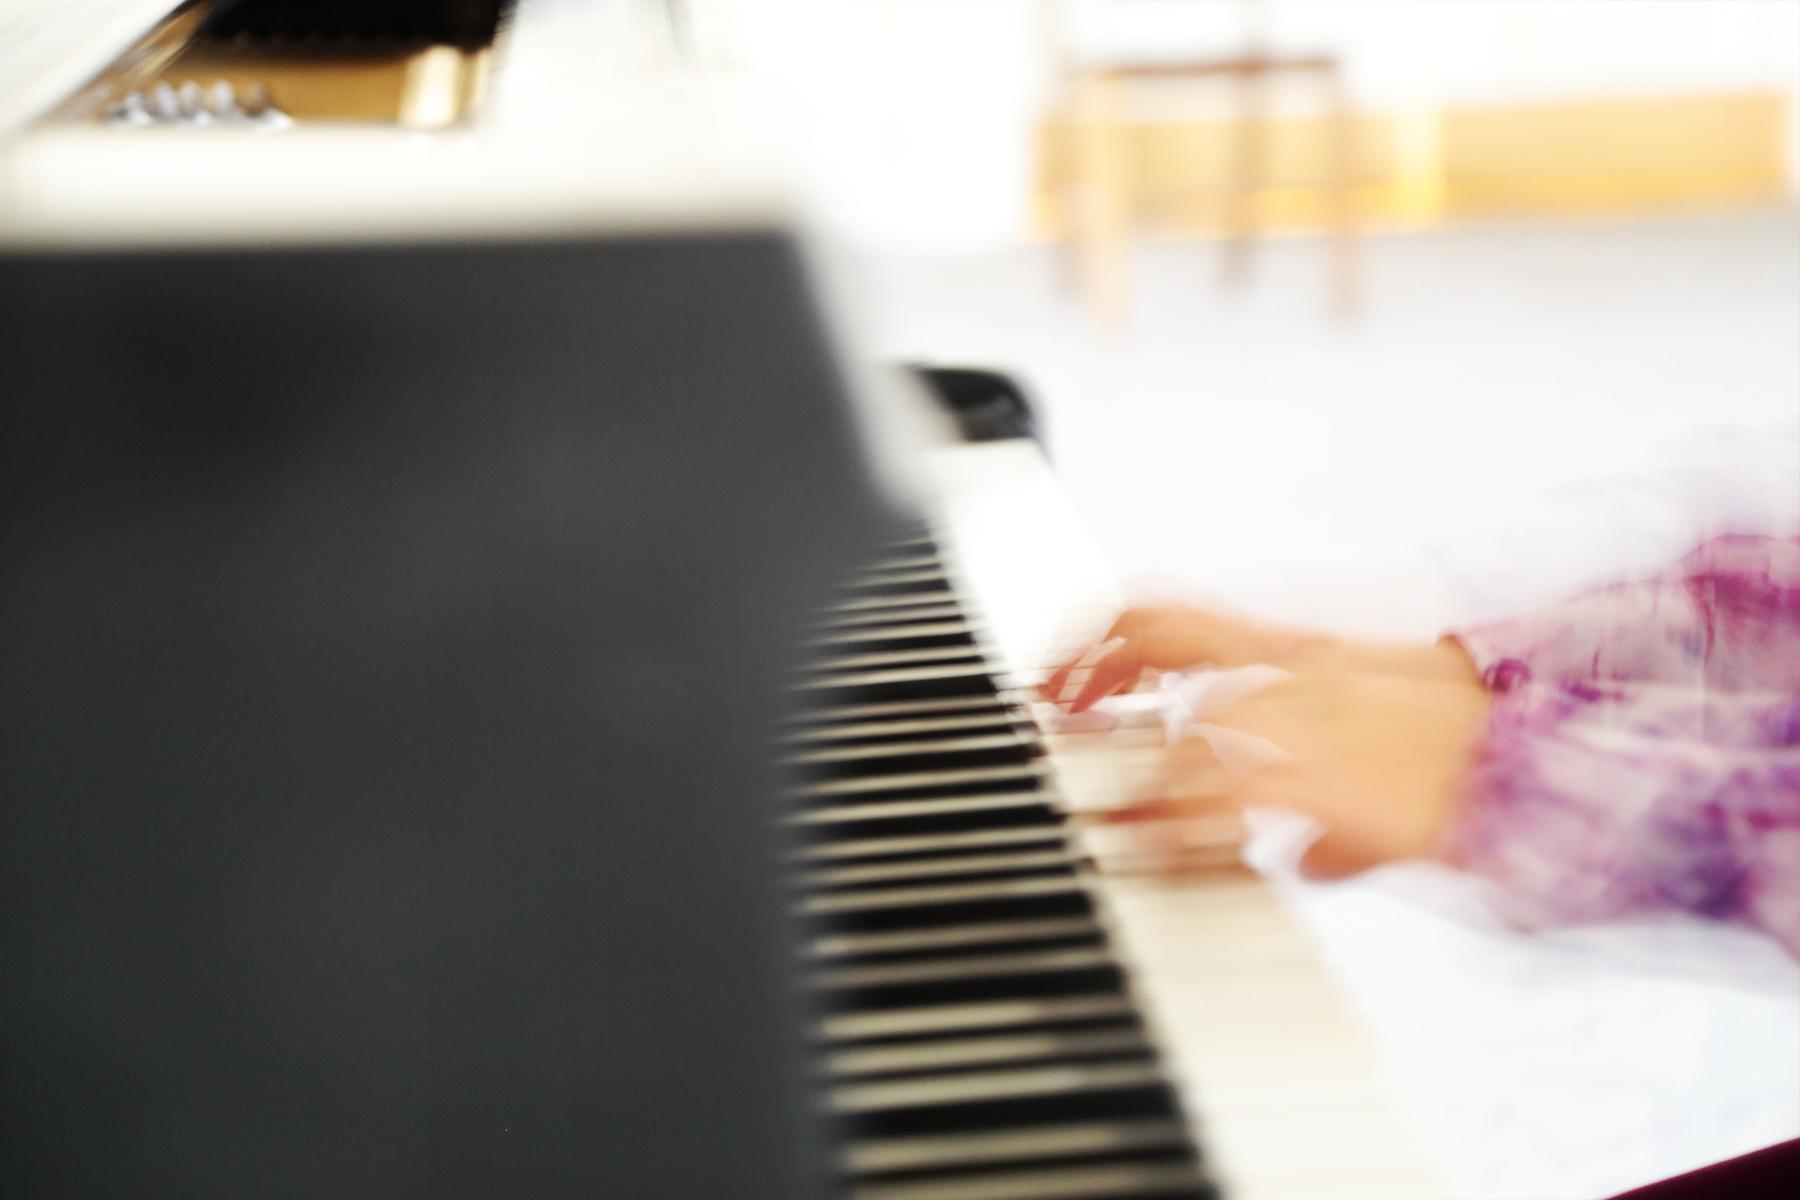 Piano_Play_6_DPP_0032.png